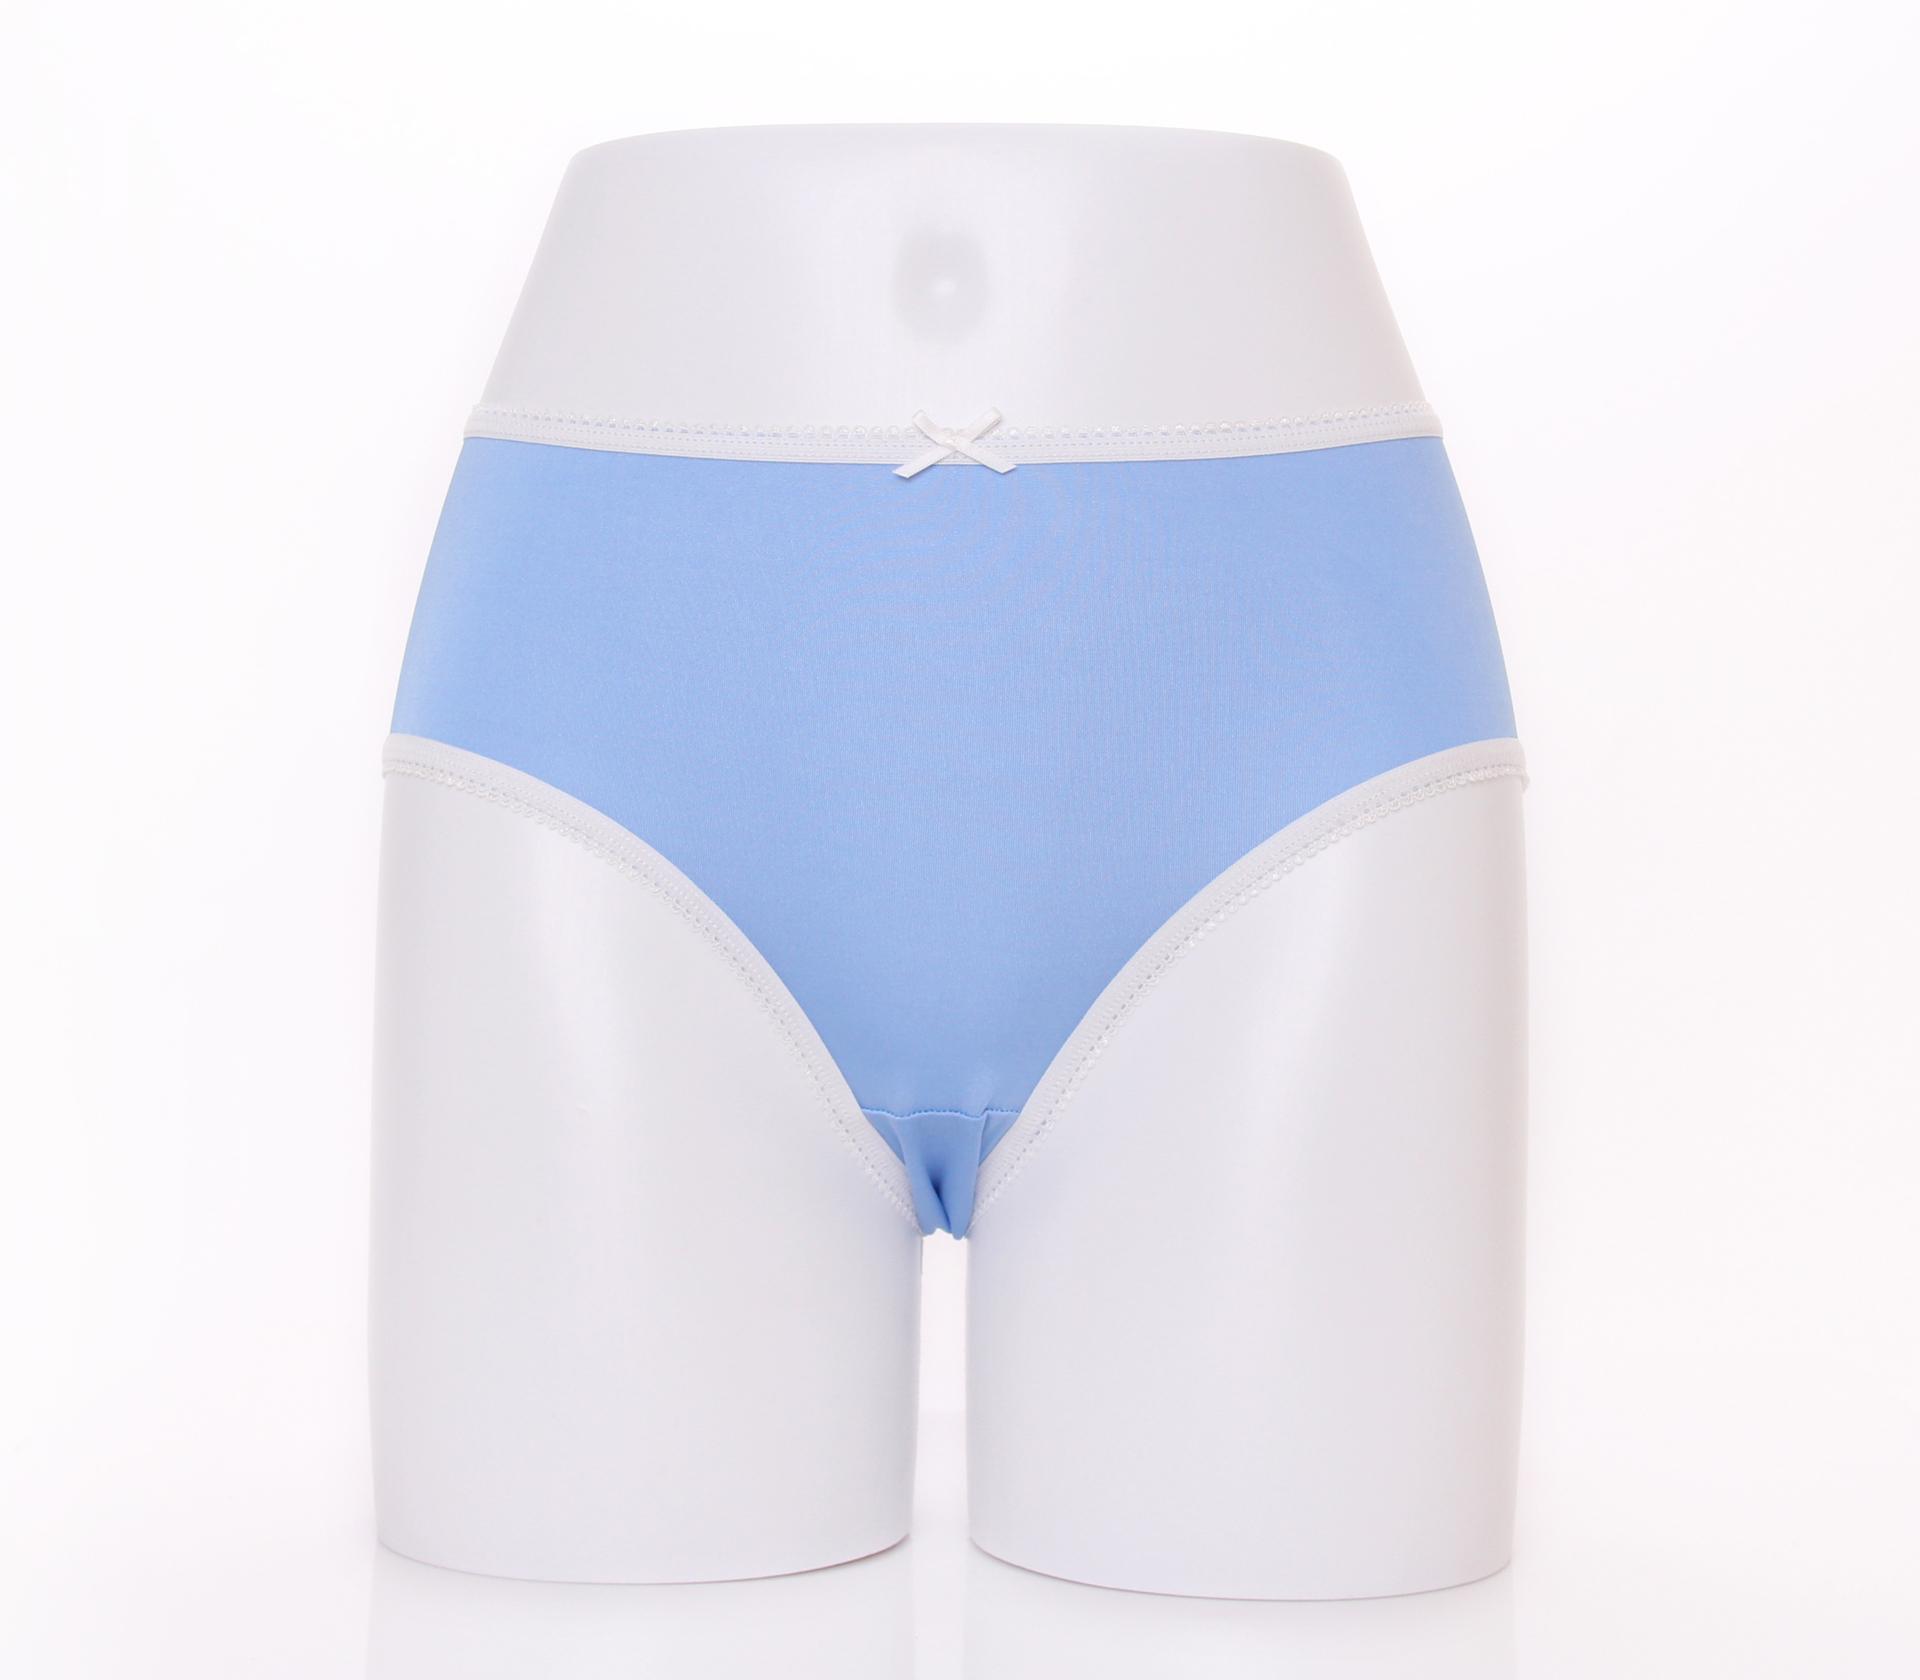 闕蘭絹清新甜美100%蠶絲內褲-2211(藍)